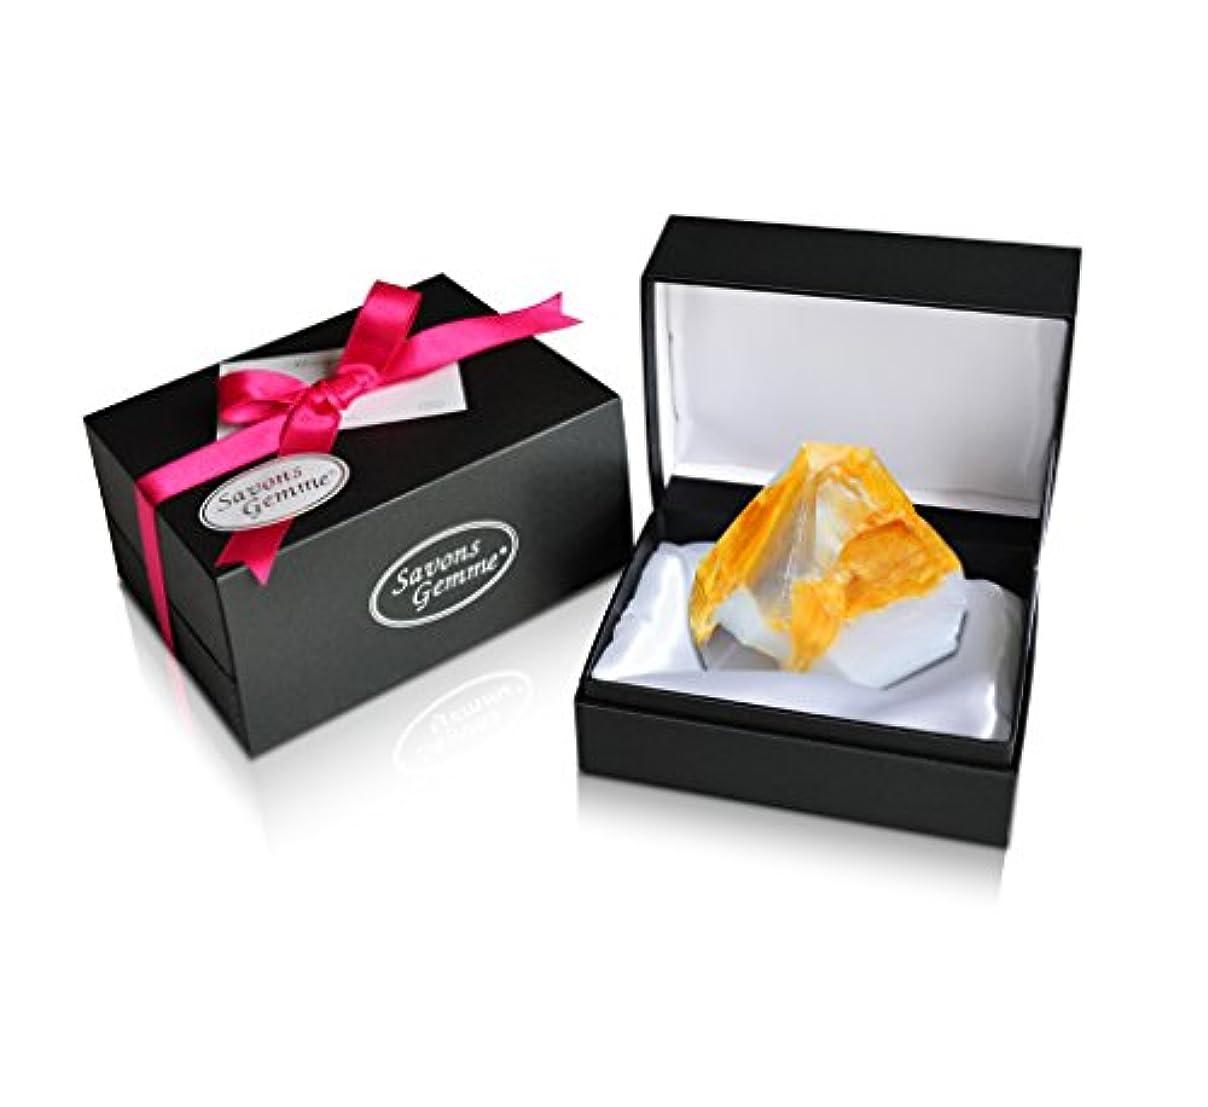 霧欺裁判官Savons Gemme サボンジェム ジュエリーギフトボックス 世界で一番美しい宝石石鹸 フレグランス ソープ 宝石箱のようなラグジュアリー感を演出 アルバトールオリエンタル 170g 【日本総代理店品】